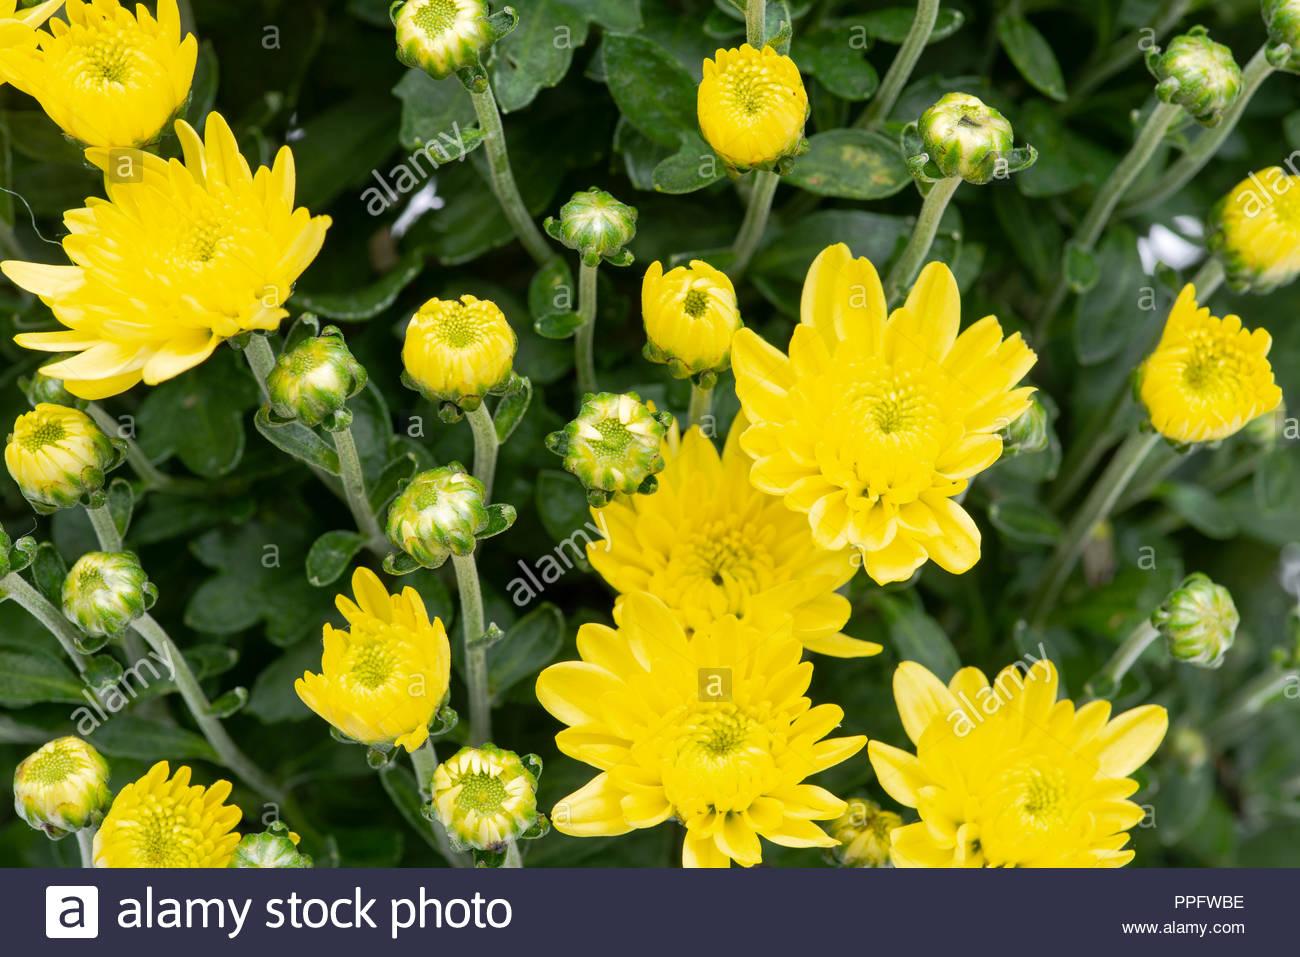 Yellow fall mums flowers like art background Stock Photo 1300x957